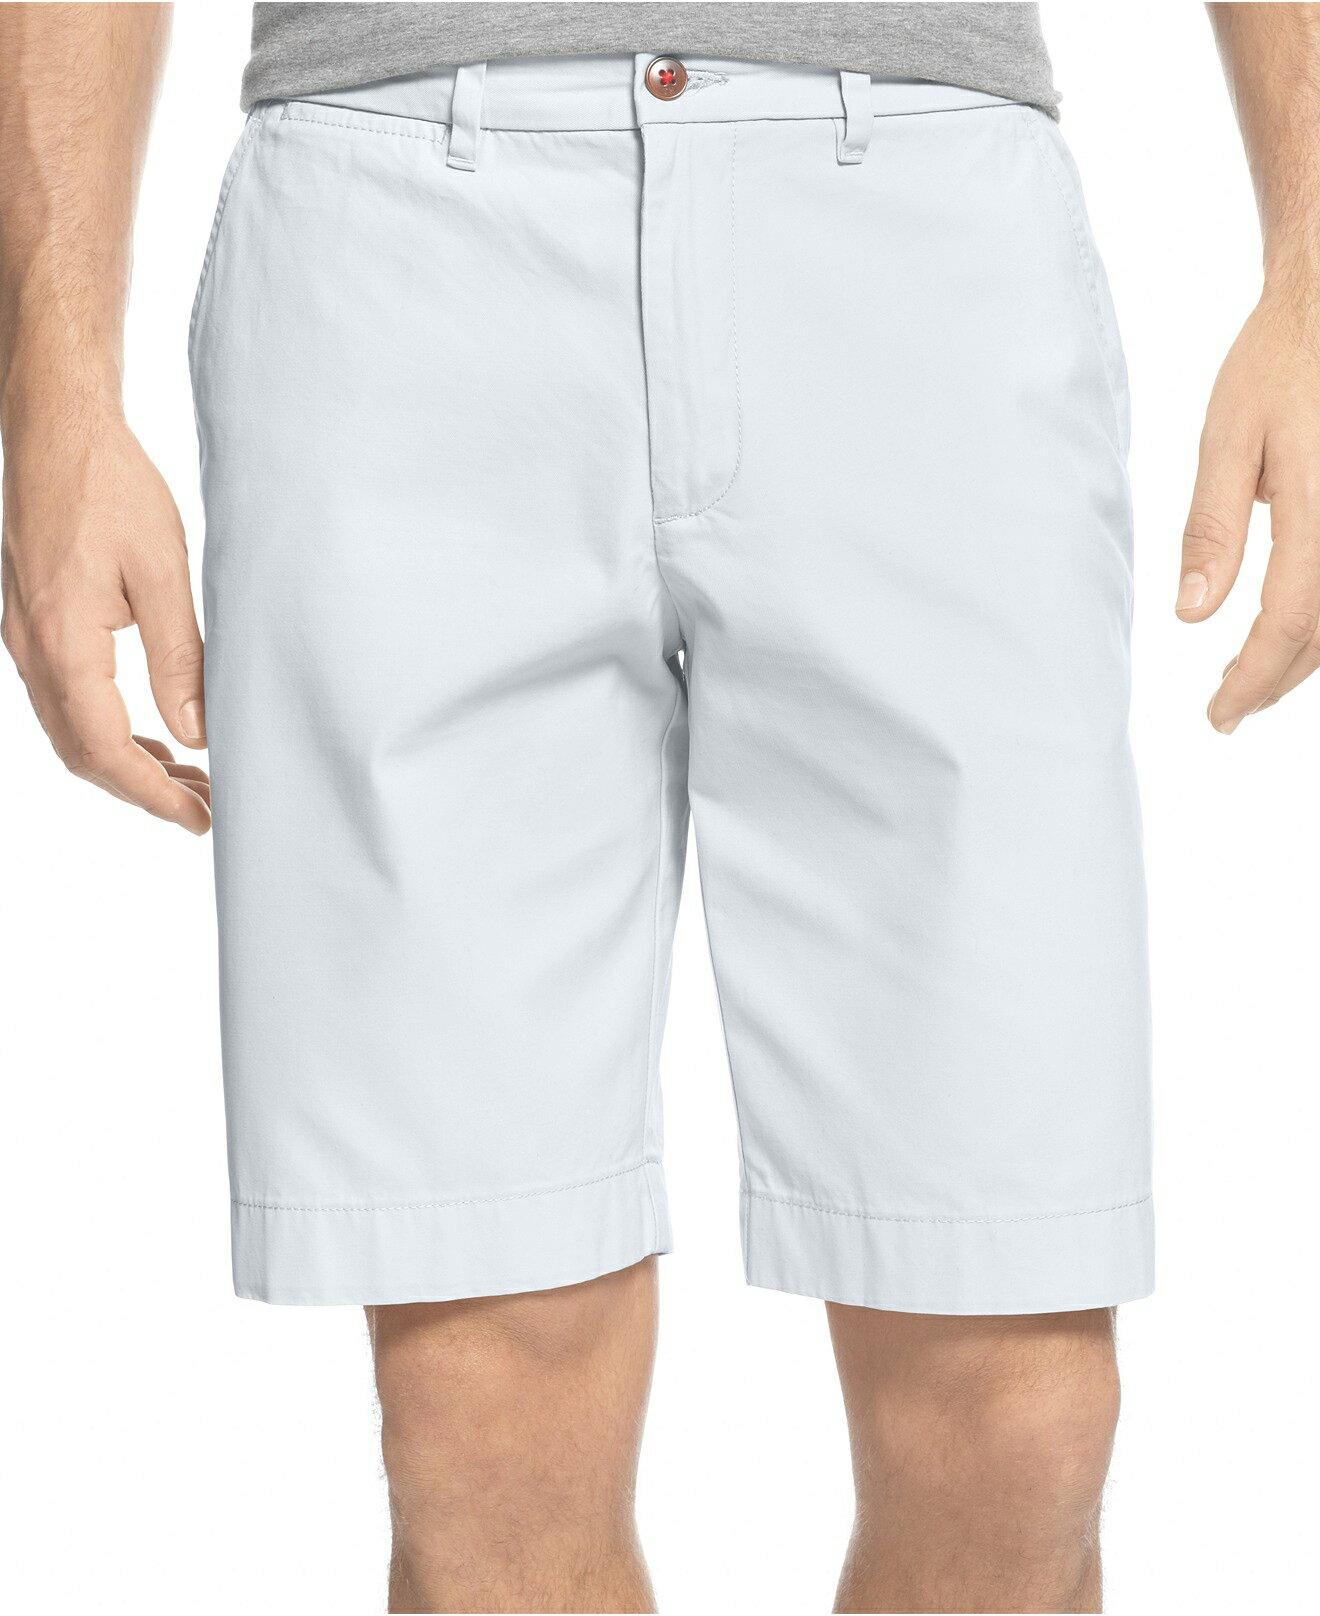 美國百分百【Tommy Hilfiger】短褲 TH 休閒褲 百慕達褲 五分褲 白色 男 大尺碼 多尺碼 F136